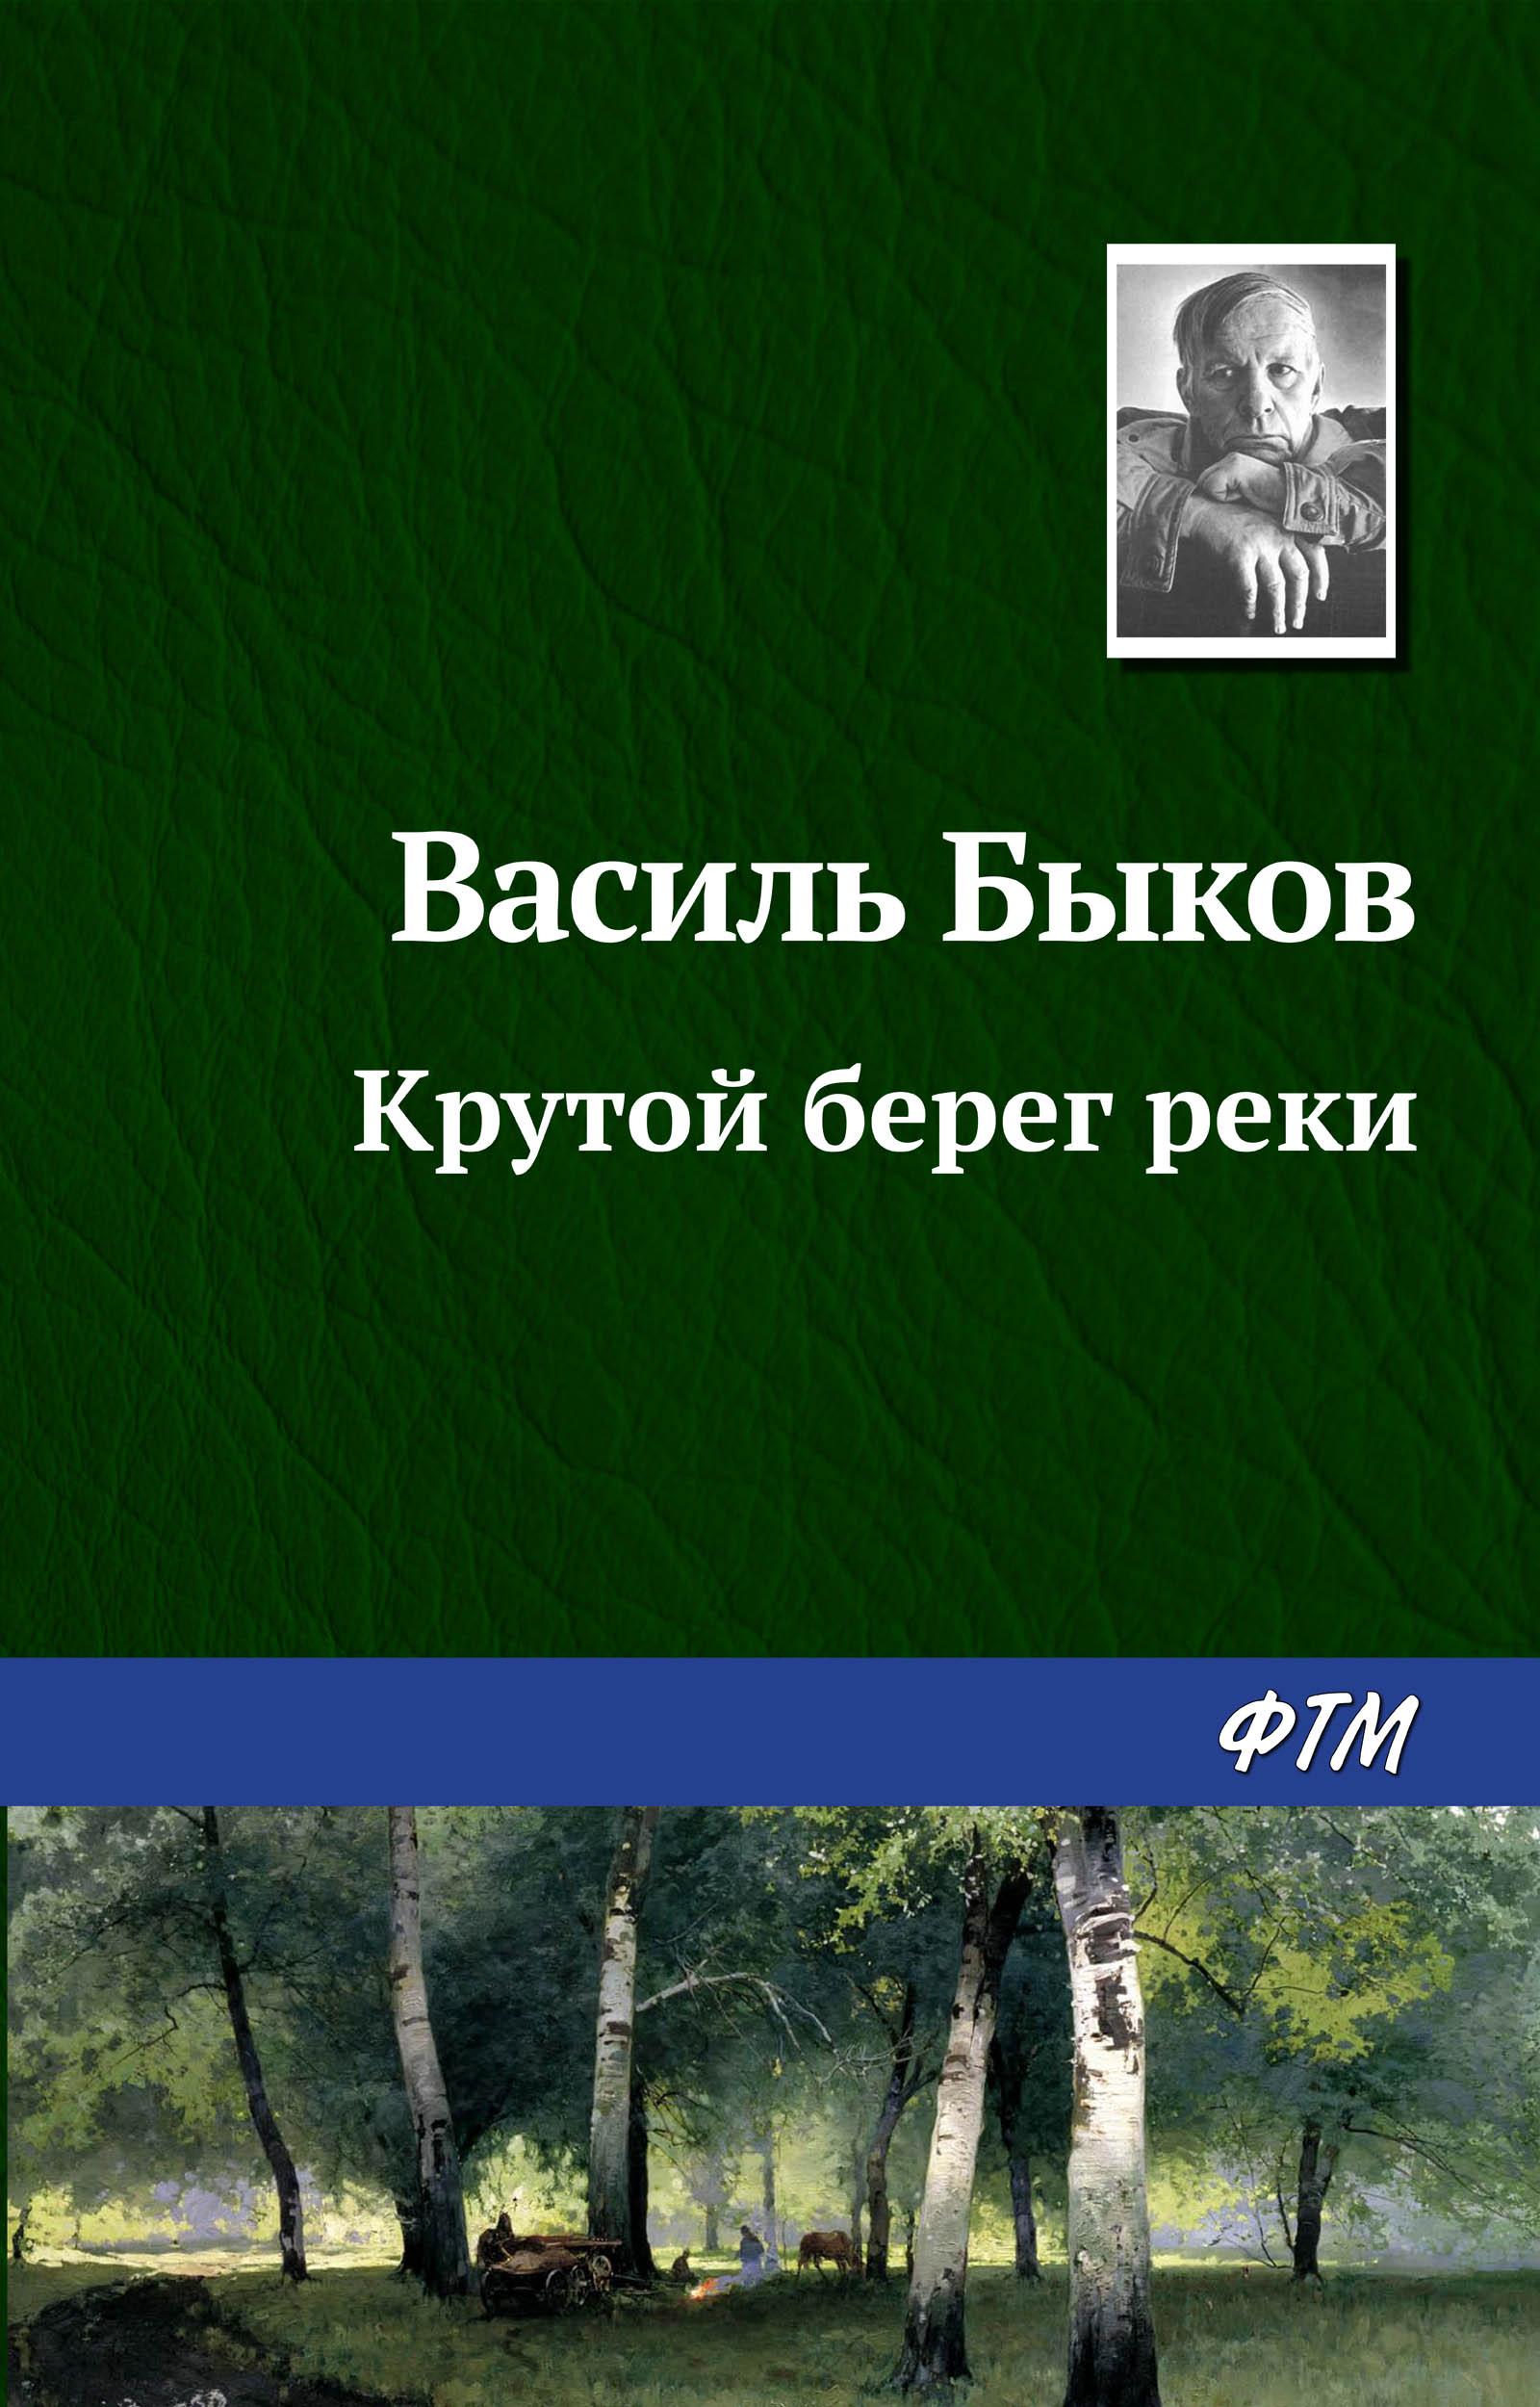 Василь Быков Крутой берег реки